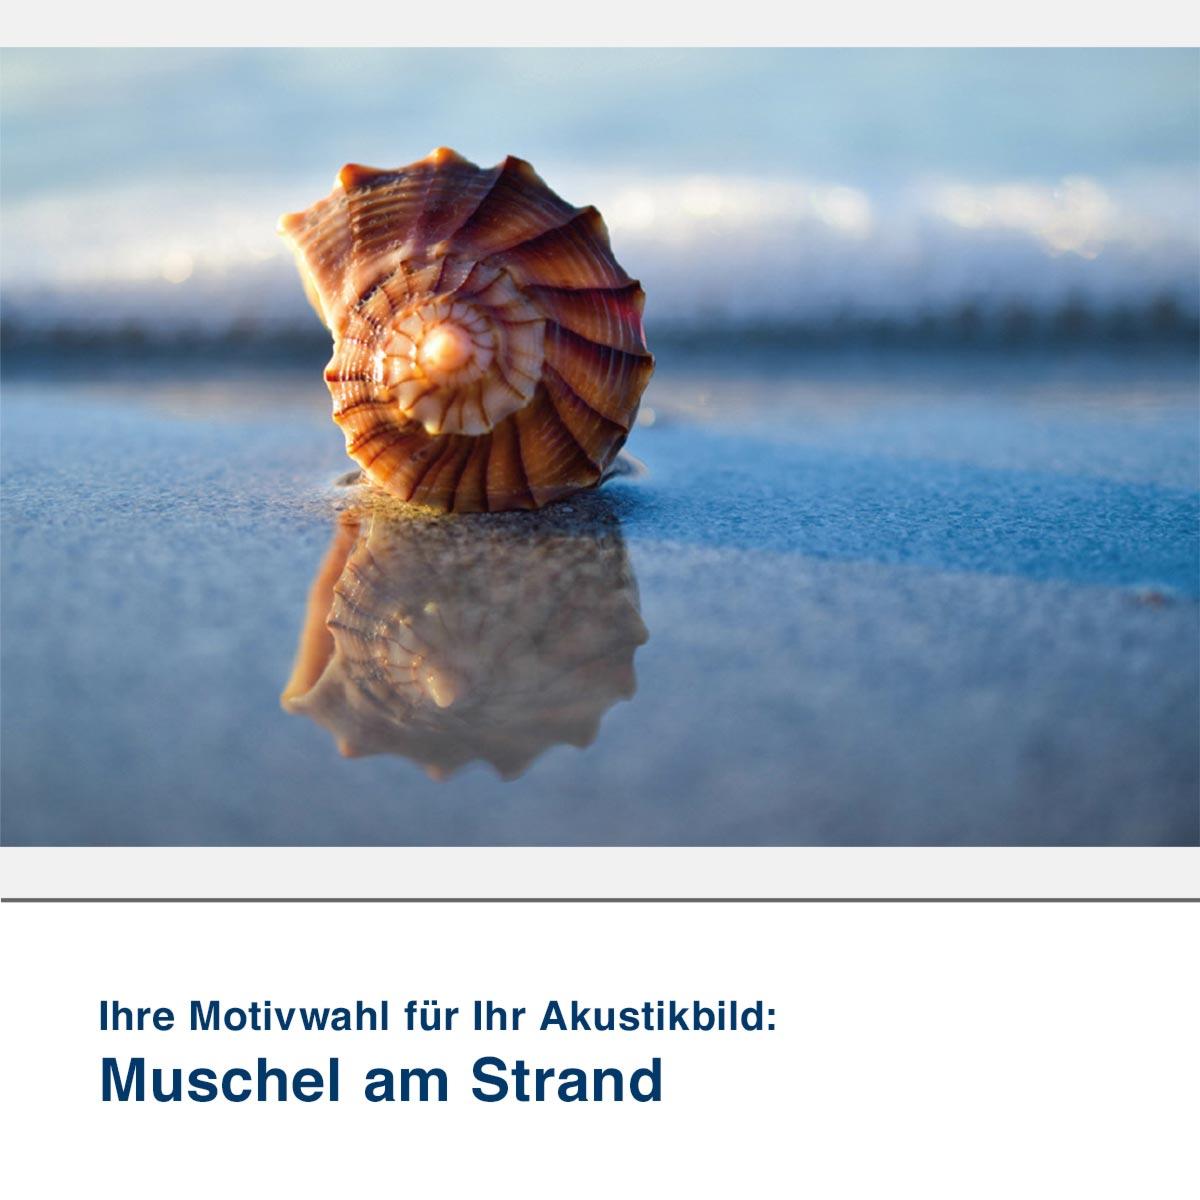 Akustikbild Motiv Muschel am Strand